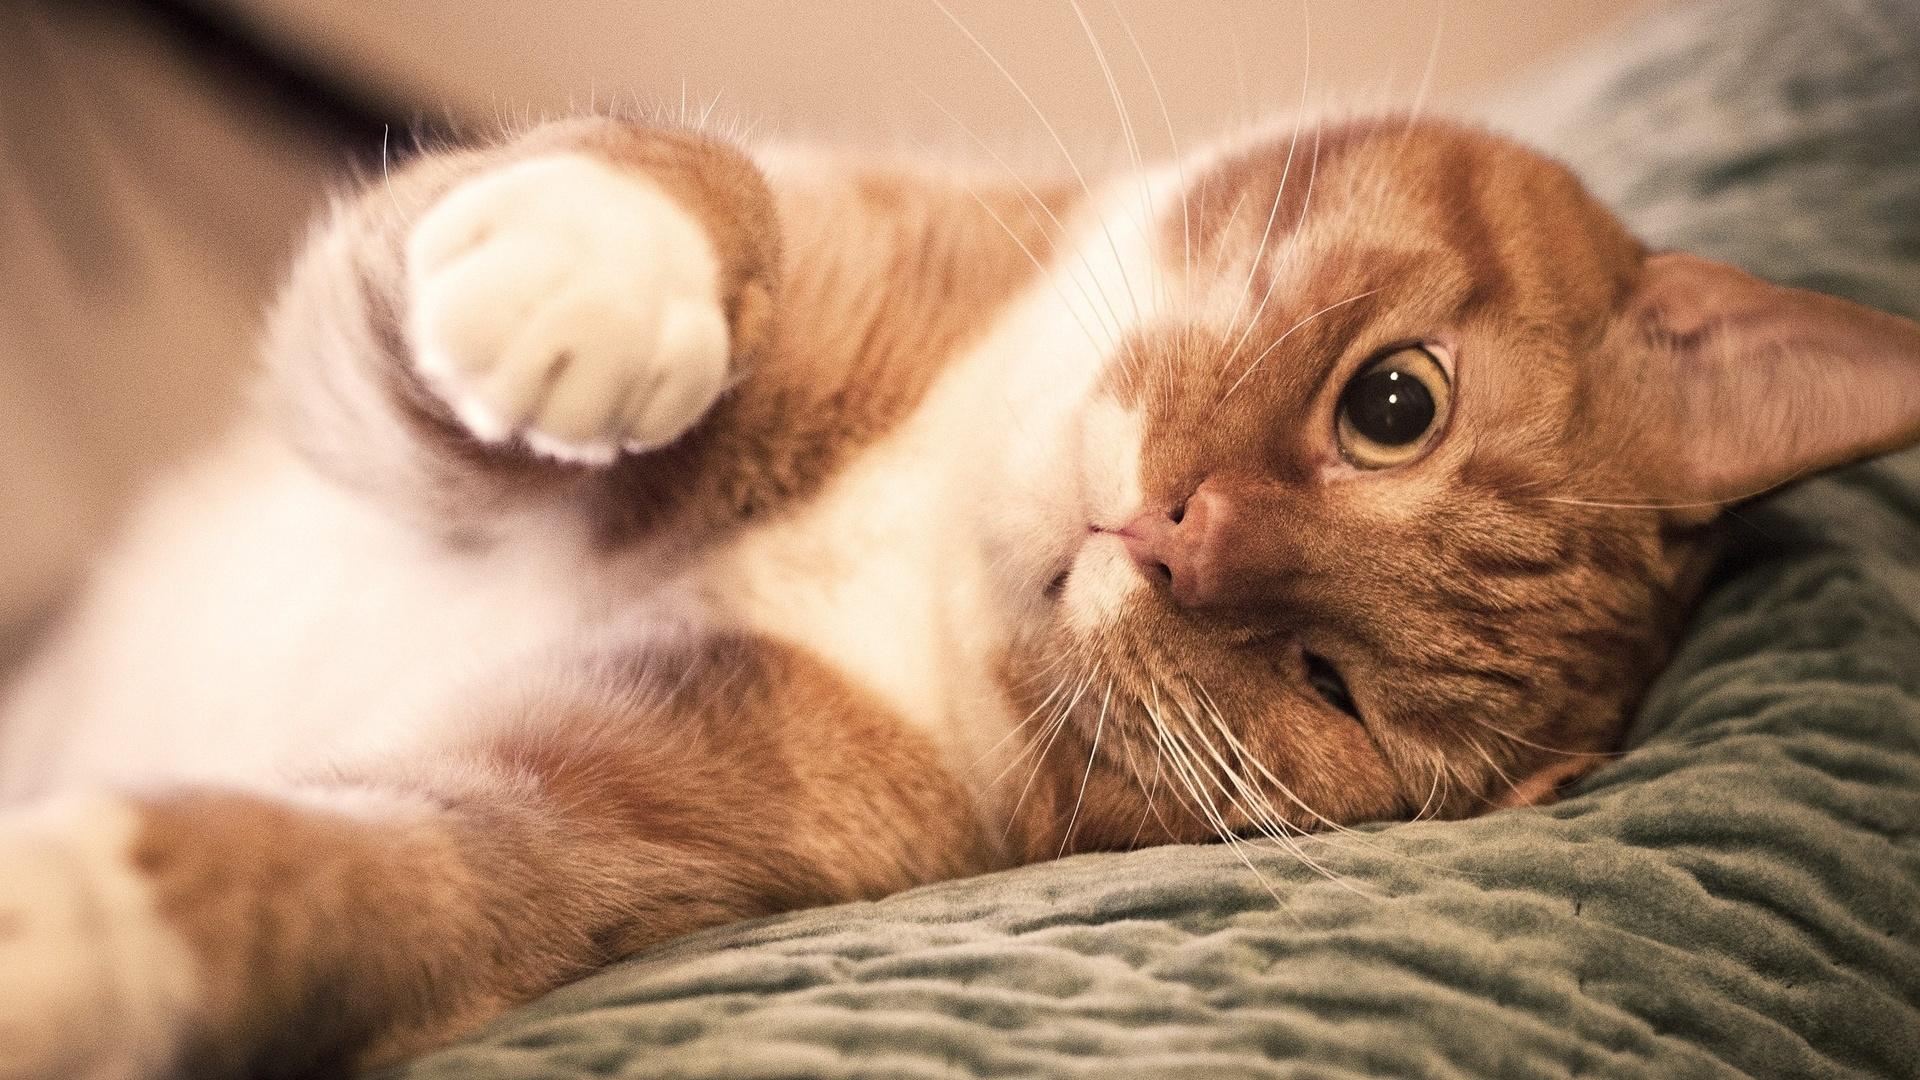 размытия, отличные картинки котов левой стороне